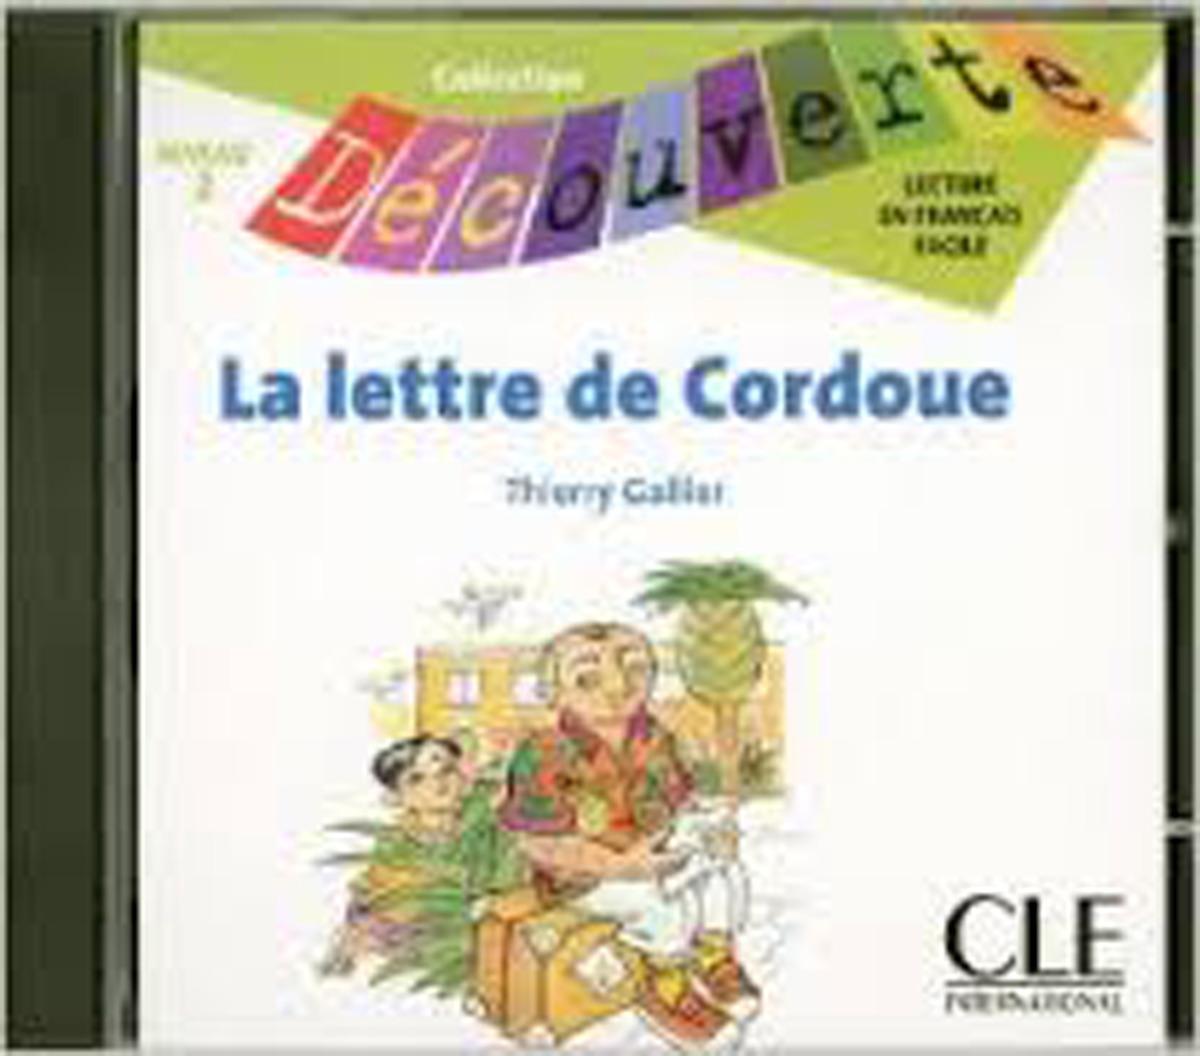 La Lettre de Cordoue Audio CD Only (Level 2) цена 2017